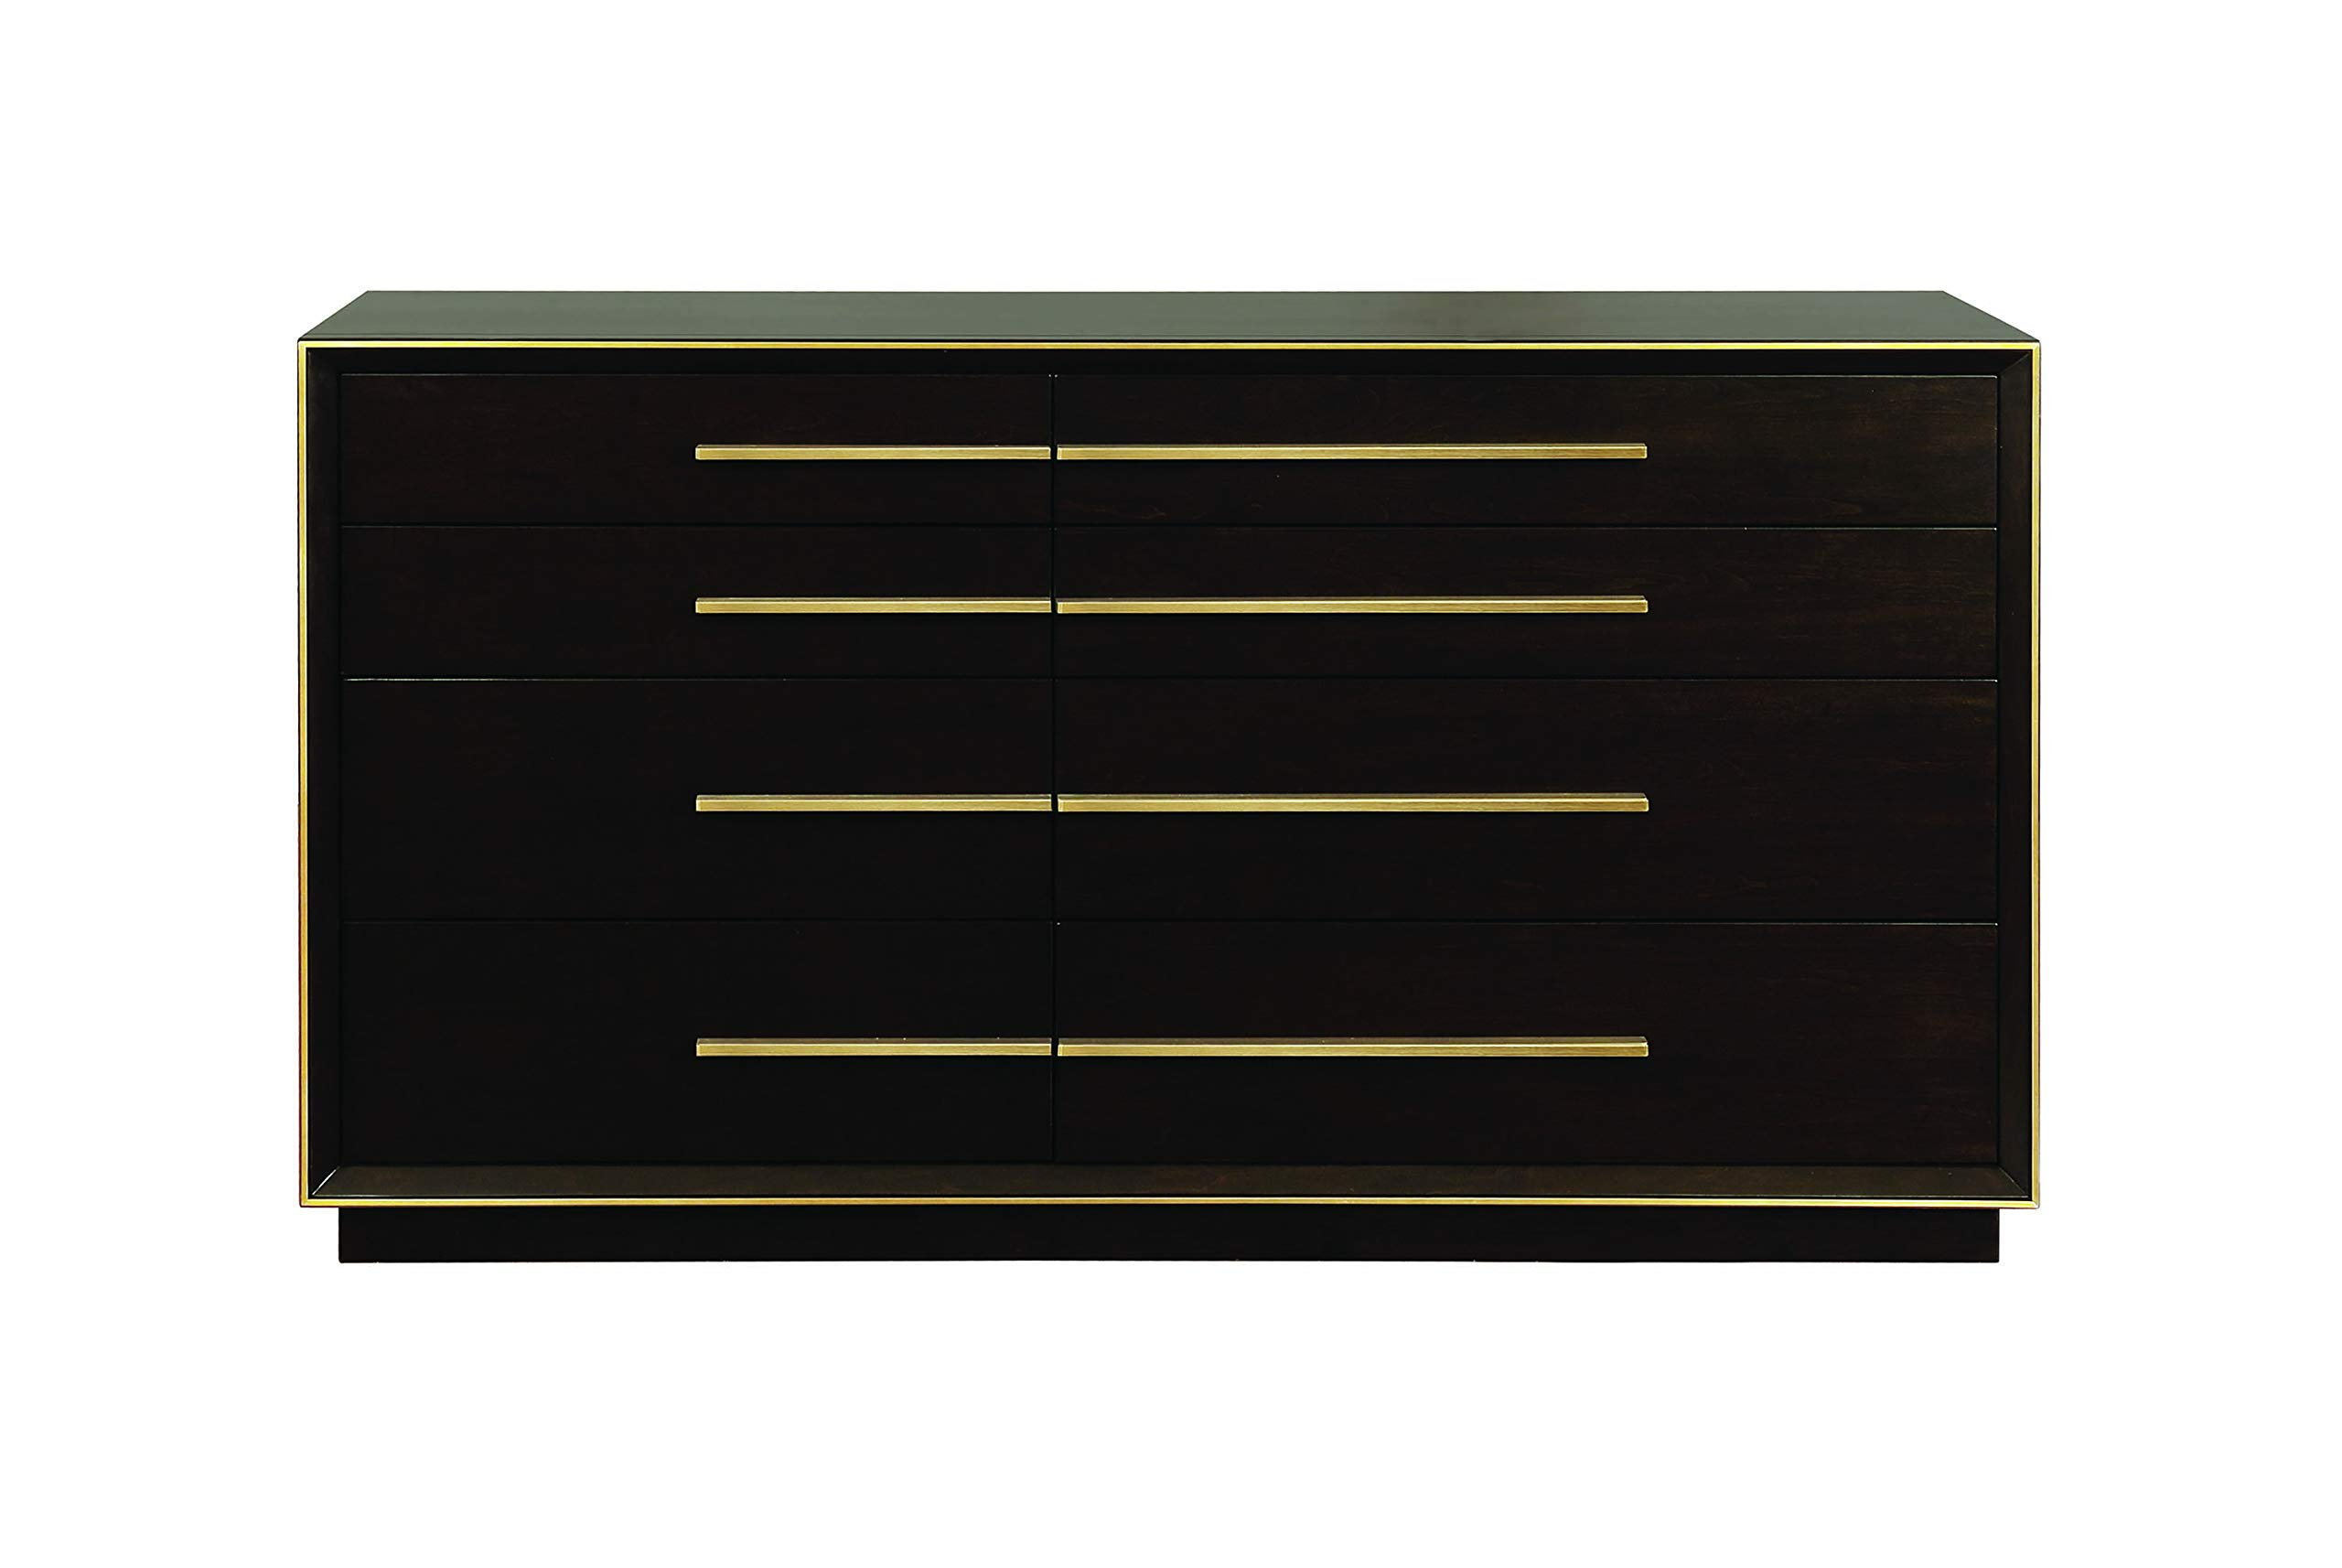 Scott Living 215713 Ingerson 8-Drawer Dresser, Smoked Peppercorn by Scott Living (Image #2)